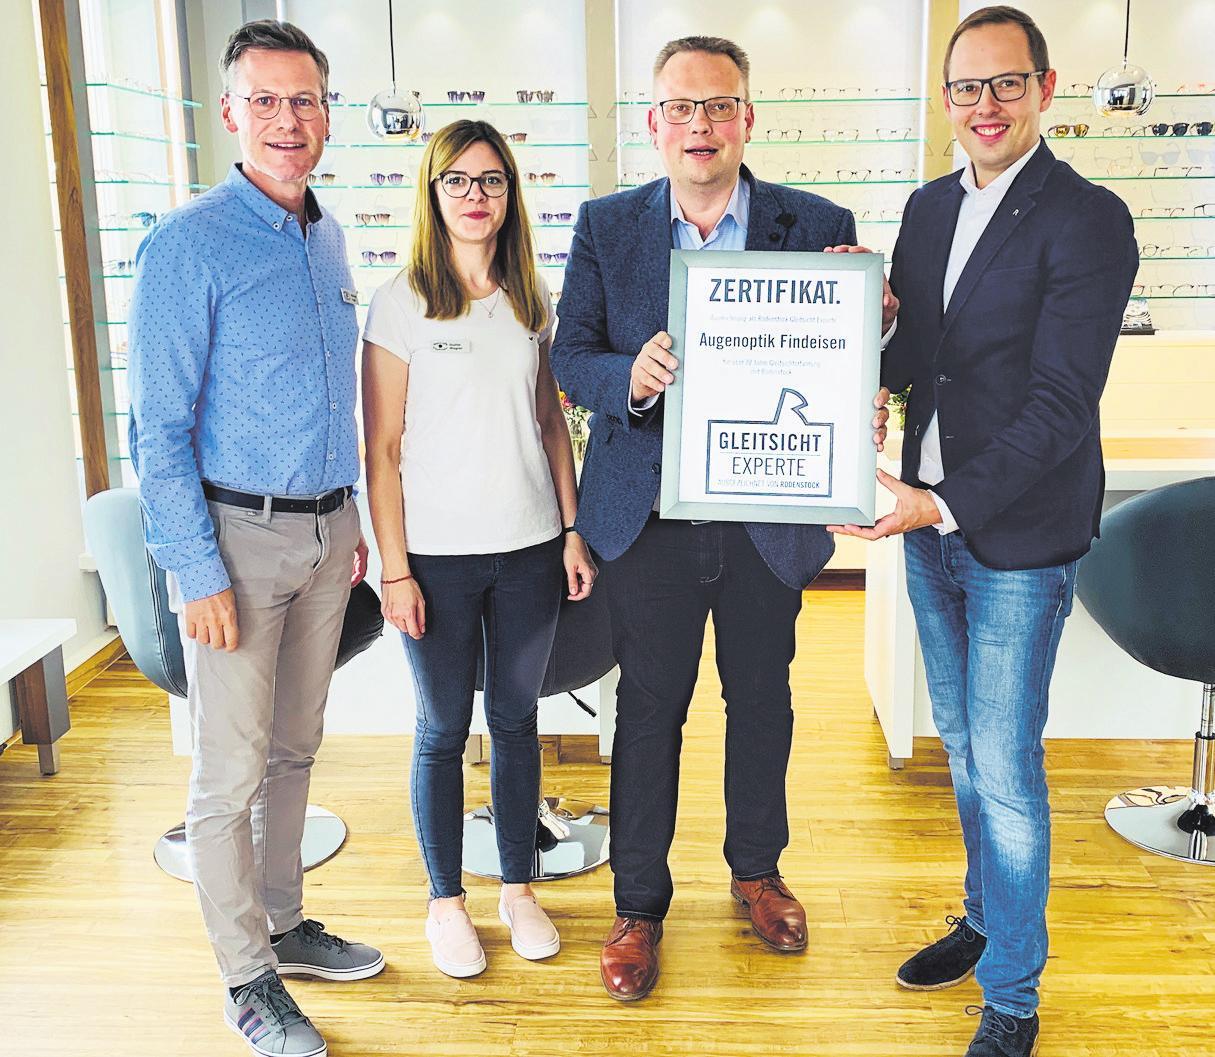 GLEITSICHT-EXPERTEN: Tim Findeisen und sein Team mit Zertifikat. Foto: Augenoptik Findeisen